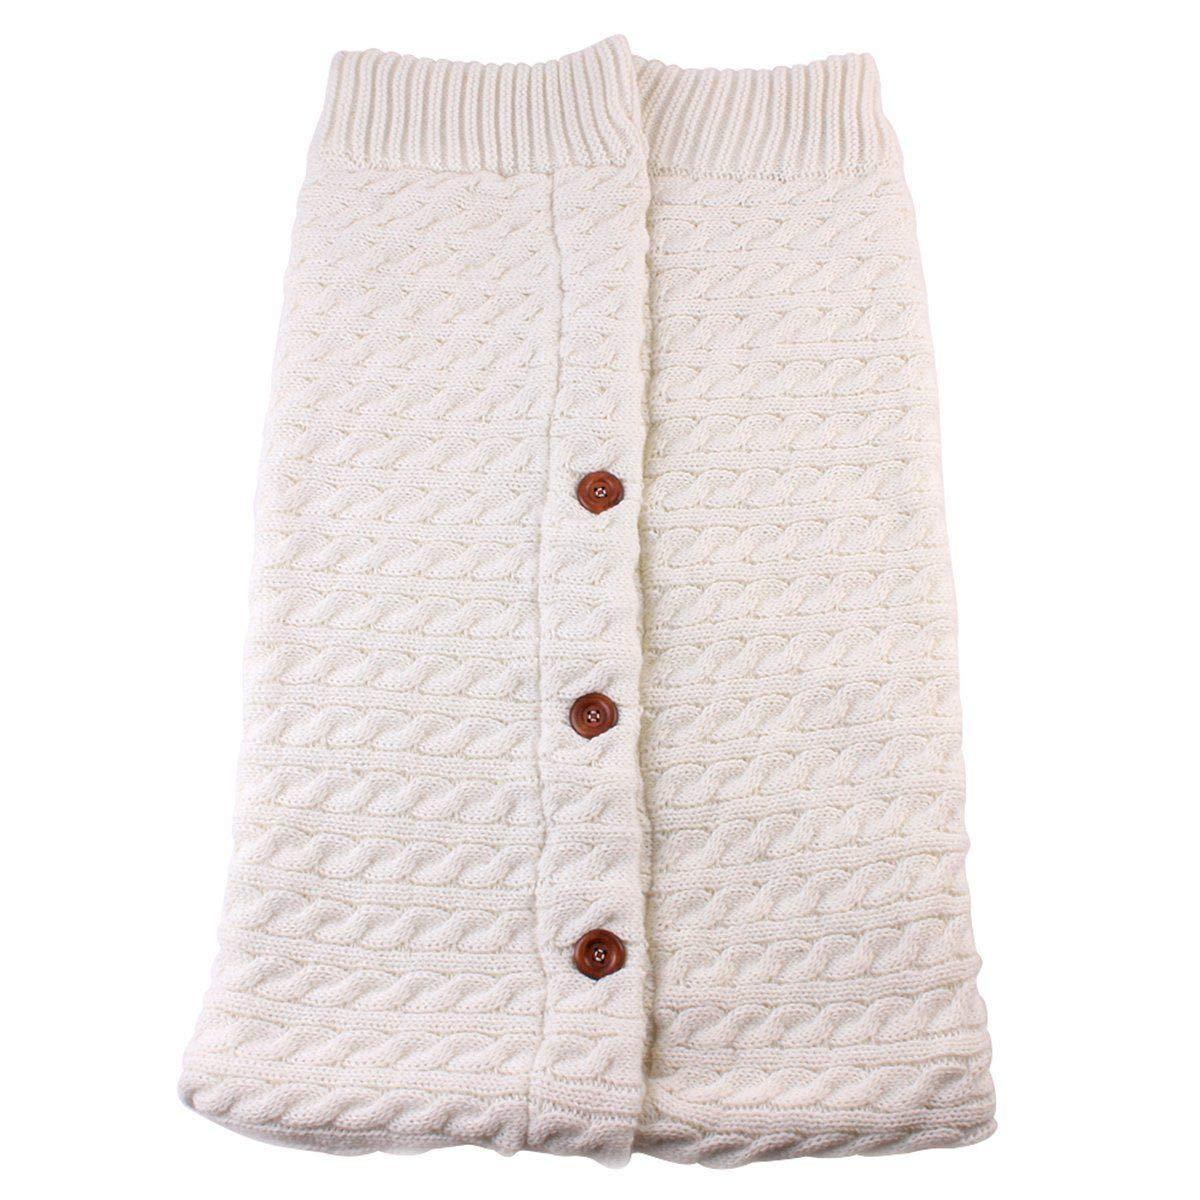 Fille Gar/çon Couvertures Demmaillotage Peluche Tricoter Double Couche Hiver Gigoteuses pour Poussette 0-24 Mois Sac de Couchage B/éb/é